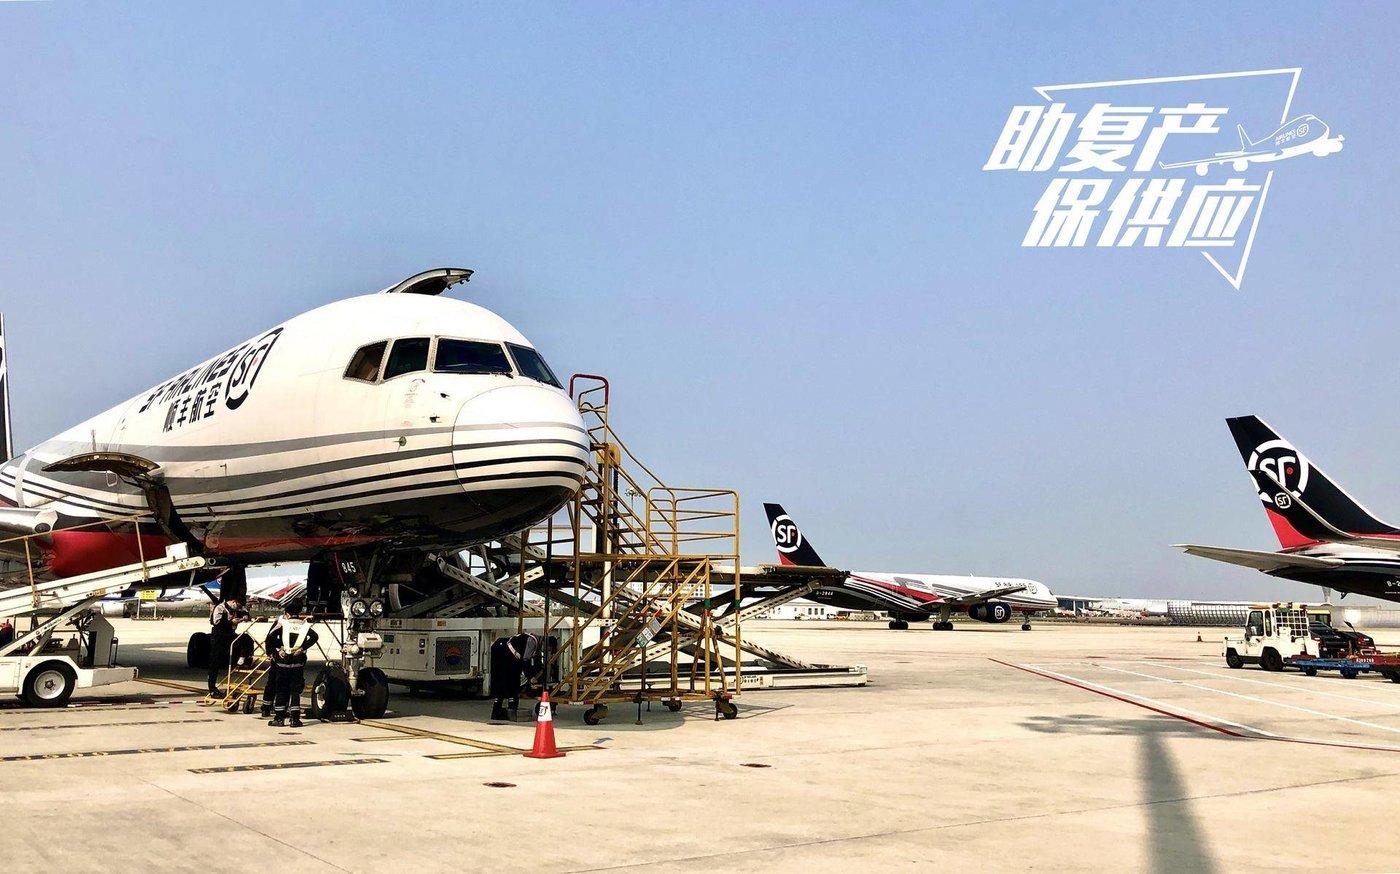 顺丰深圳-吉隆坡航线货运航线起航 /图片来源:顺丰官网